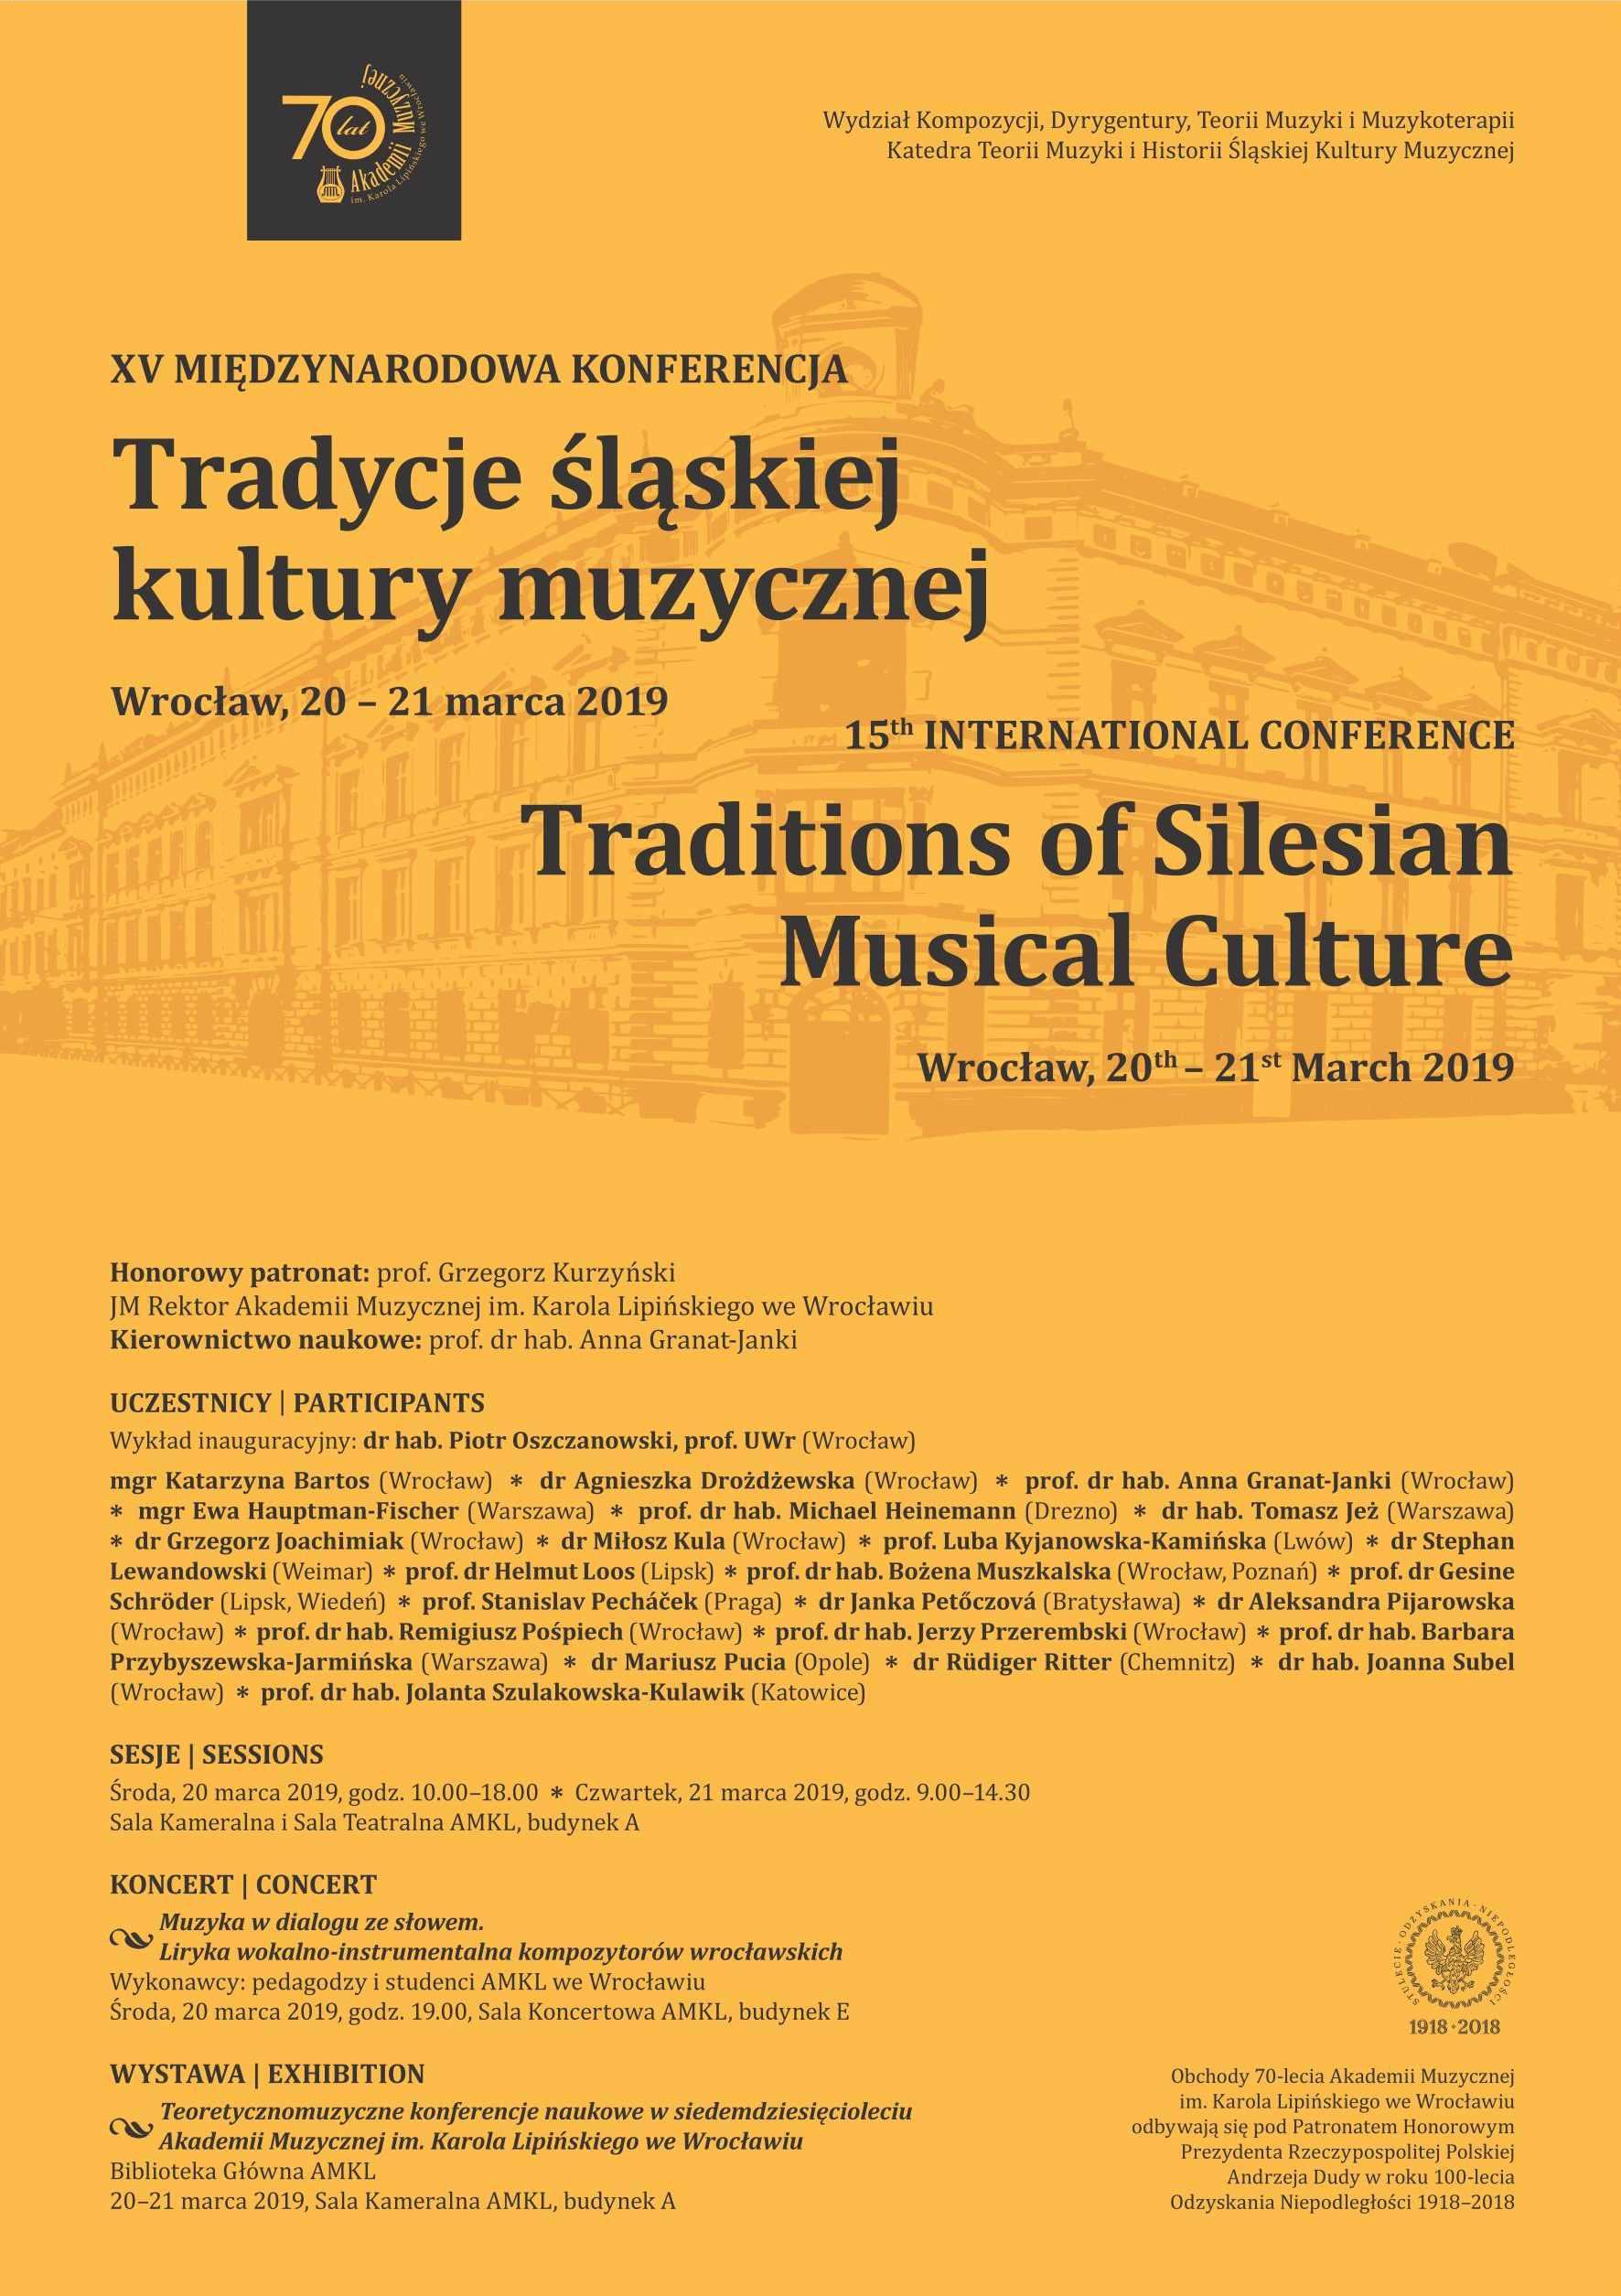 XV Międzynarodowa Konferencja z cyklu